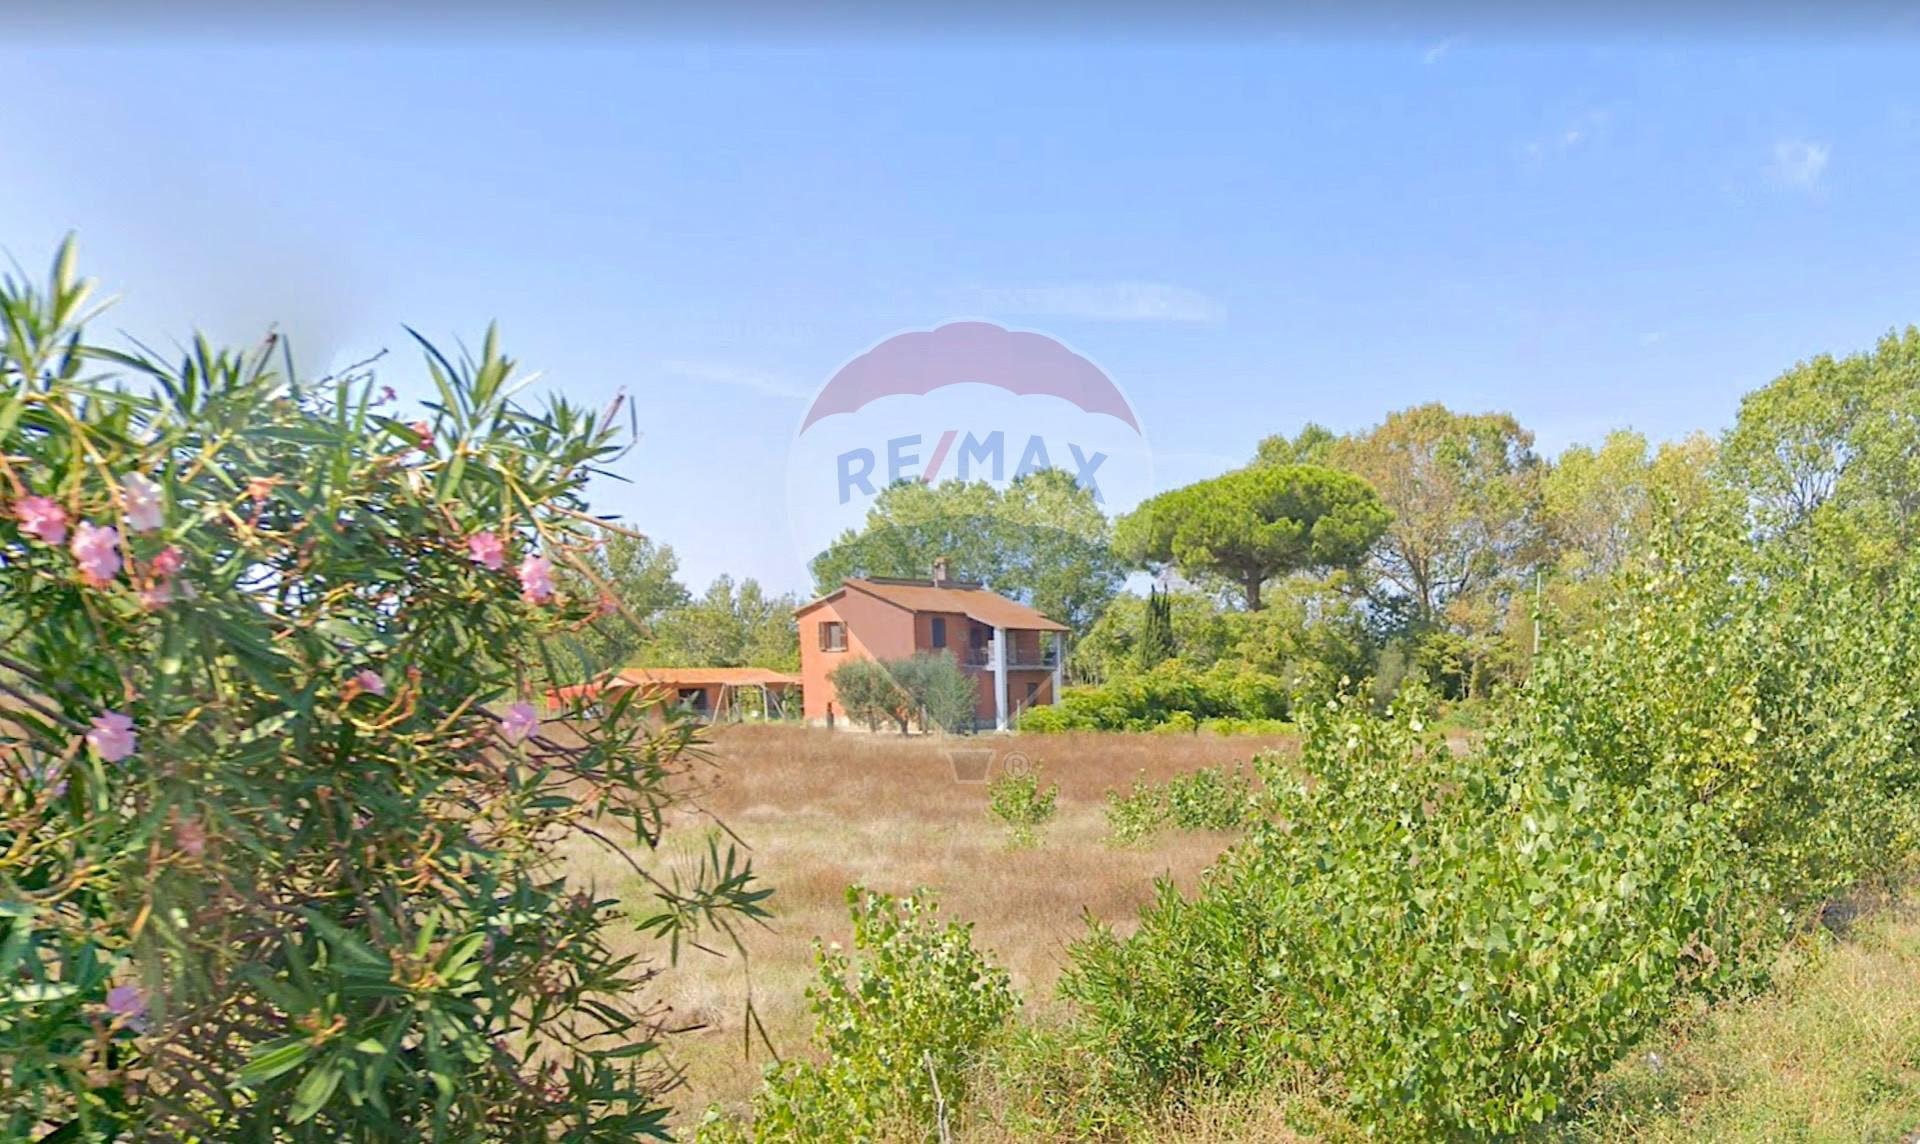 Terreno Agricolo in vendita a Orbetello, 9999 locali, zona Zona: Albinia, prezzo € 595.000 | CambioCasa.it